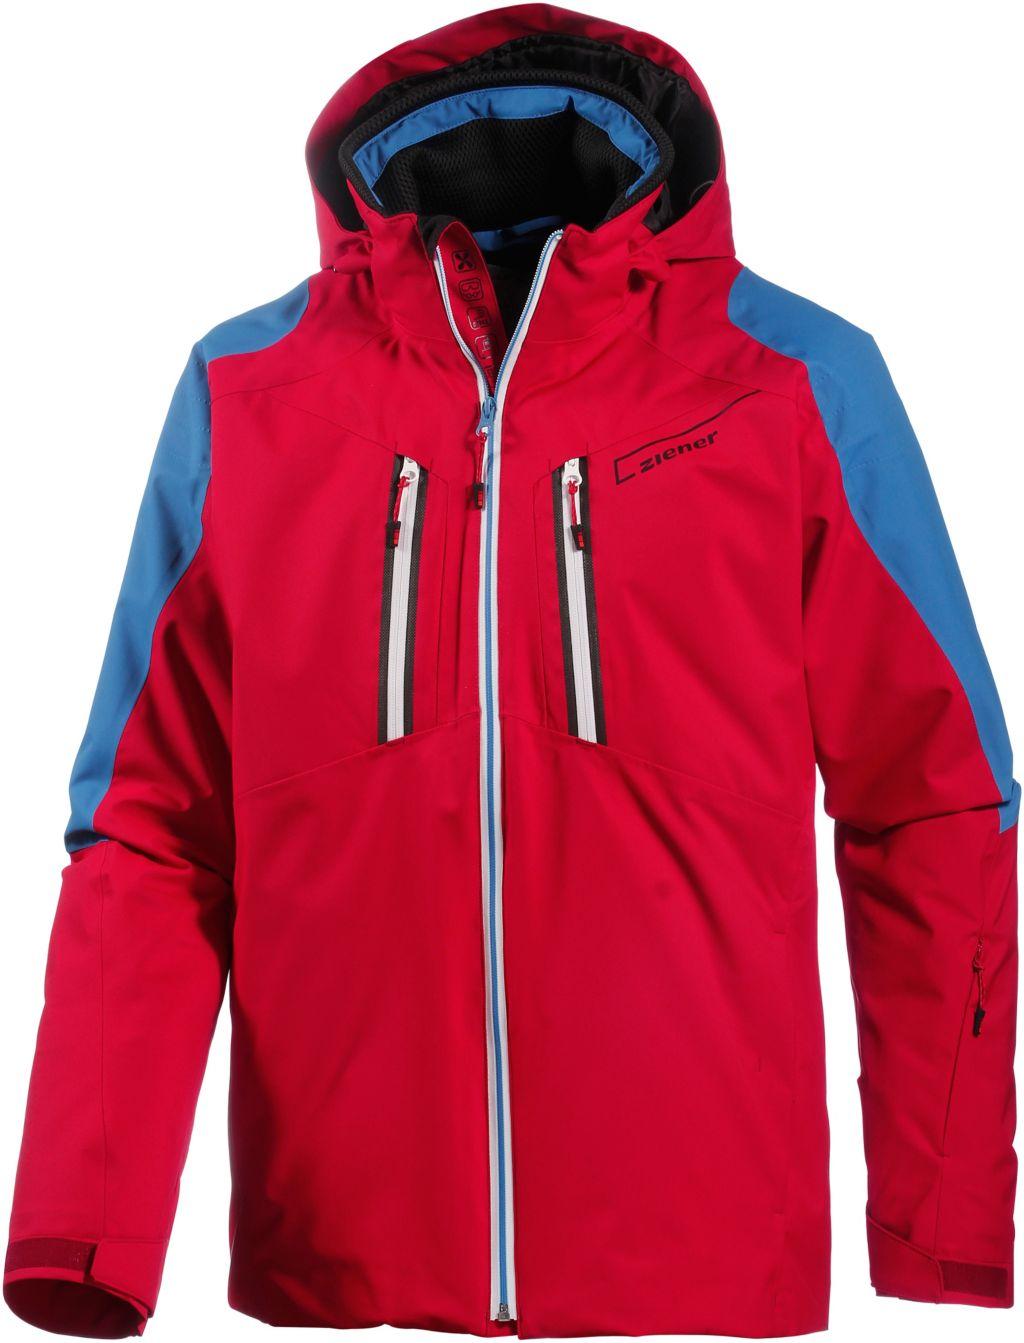 Task Skijacke Herren in rot, Größe 52